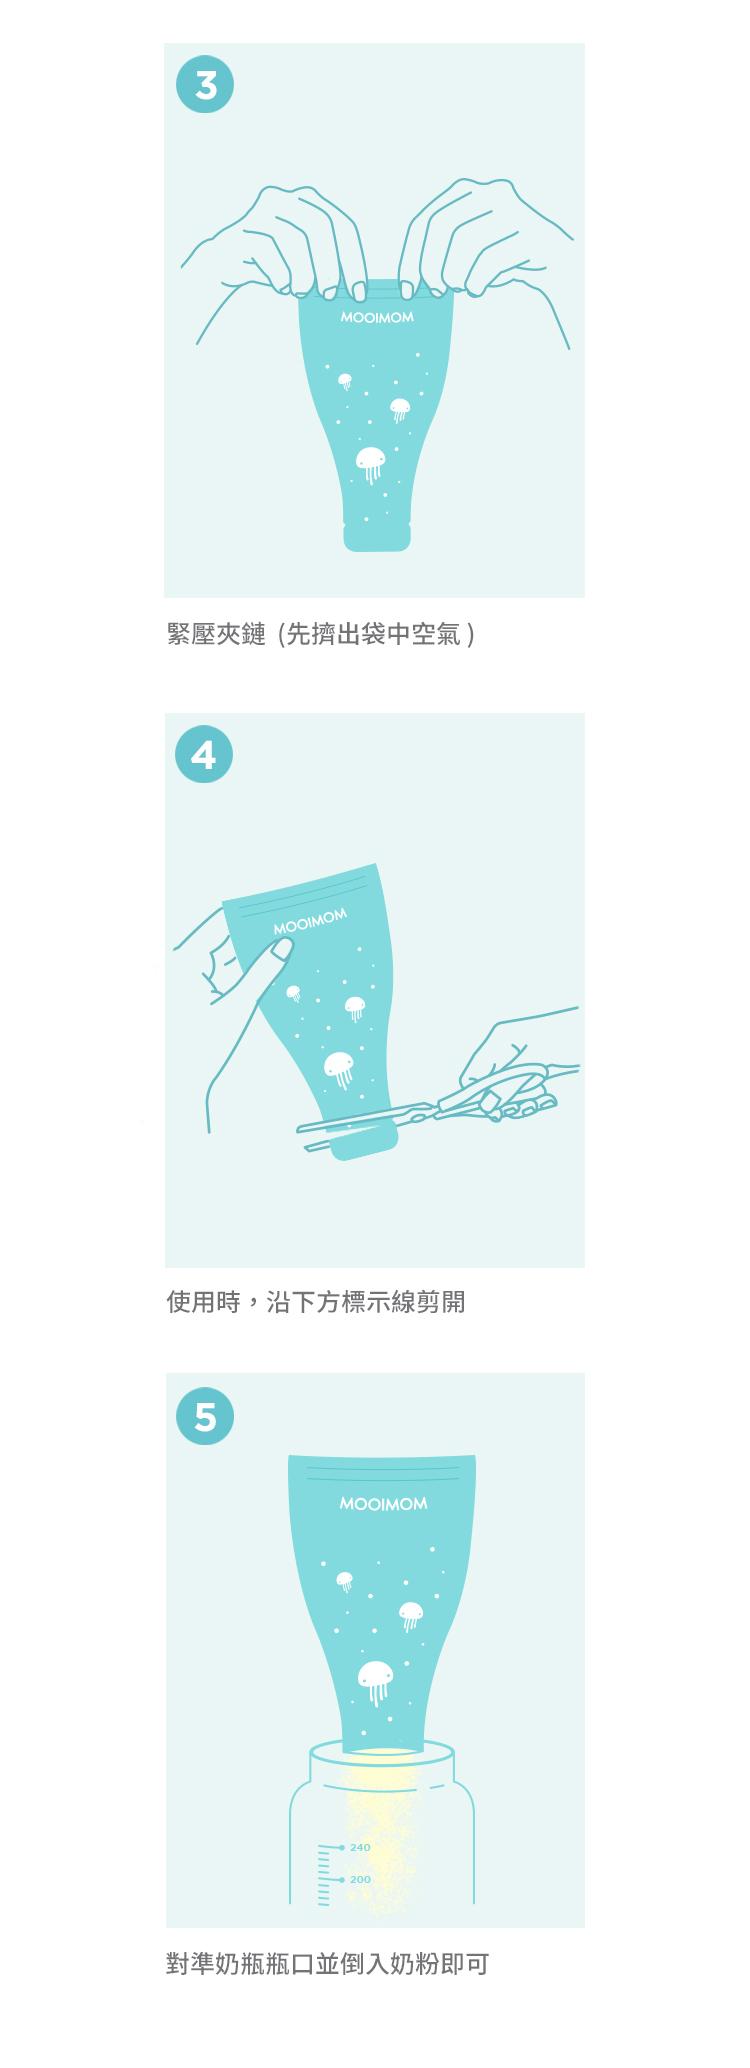 拋棄式奶粉袋, 奶粉袋, 哺乳時期, 哺乳好幫手, 旅遊外出達人, 零負擔打包趣, 使用方法, 將夾鏈上端的切線撕開, 打開夾鏈並倒入適量奶粉, 緊壓夾鏈, 使用時沿下方標示線剪開, 對準奶瓶口並倒入奶粉即可